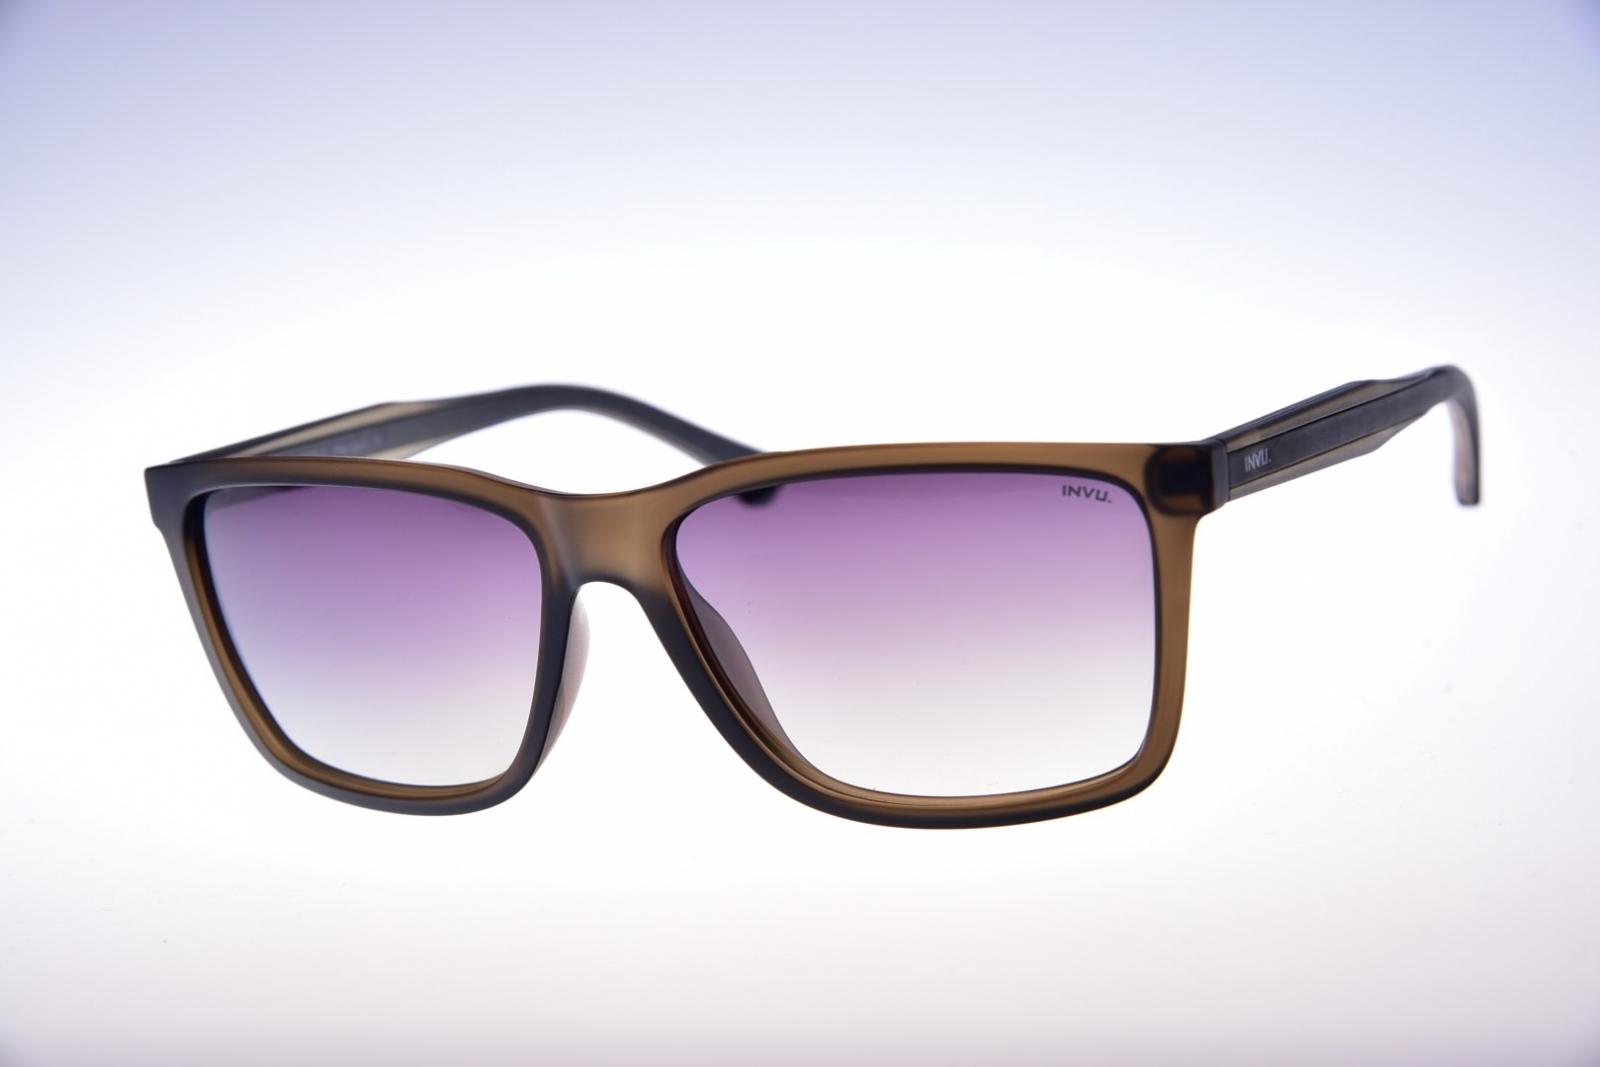 INVU. Classic B2721C - Unisex slnečné okuliare